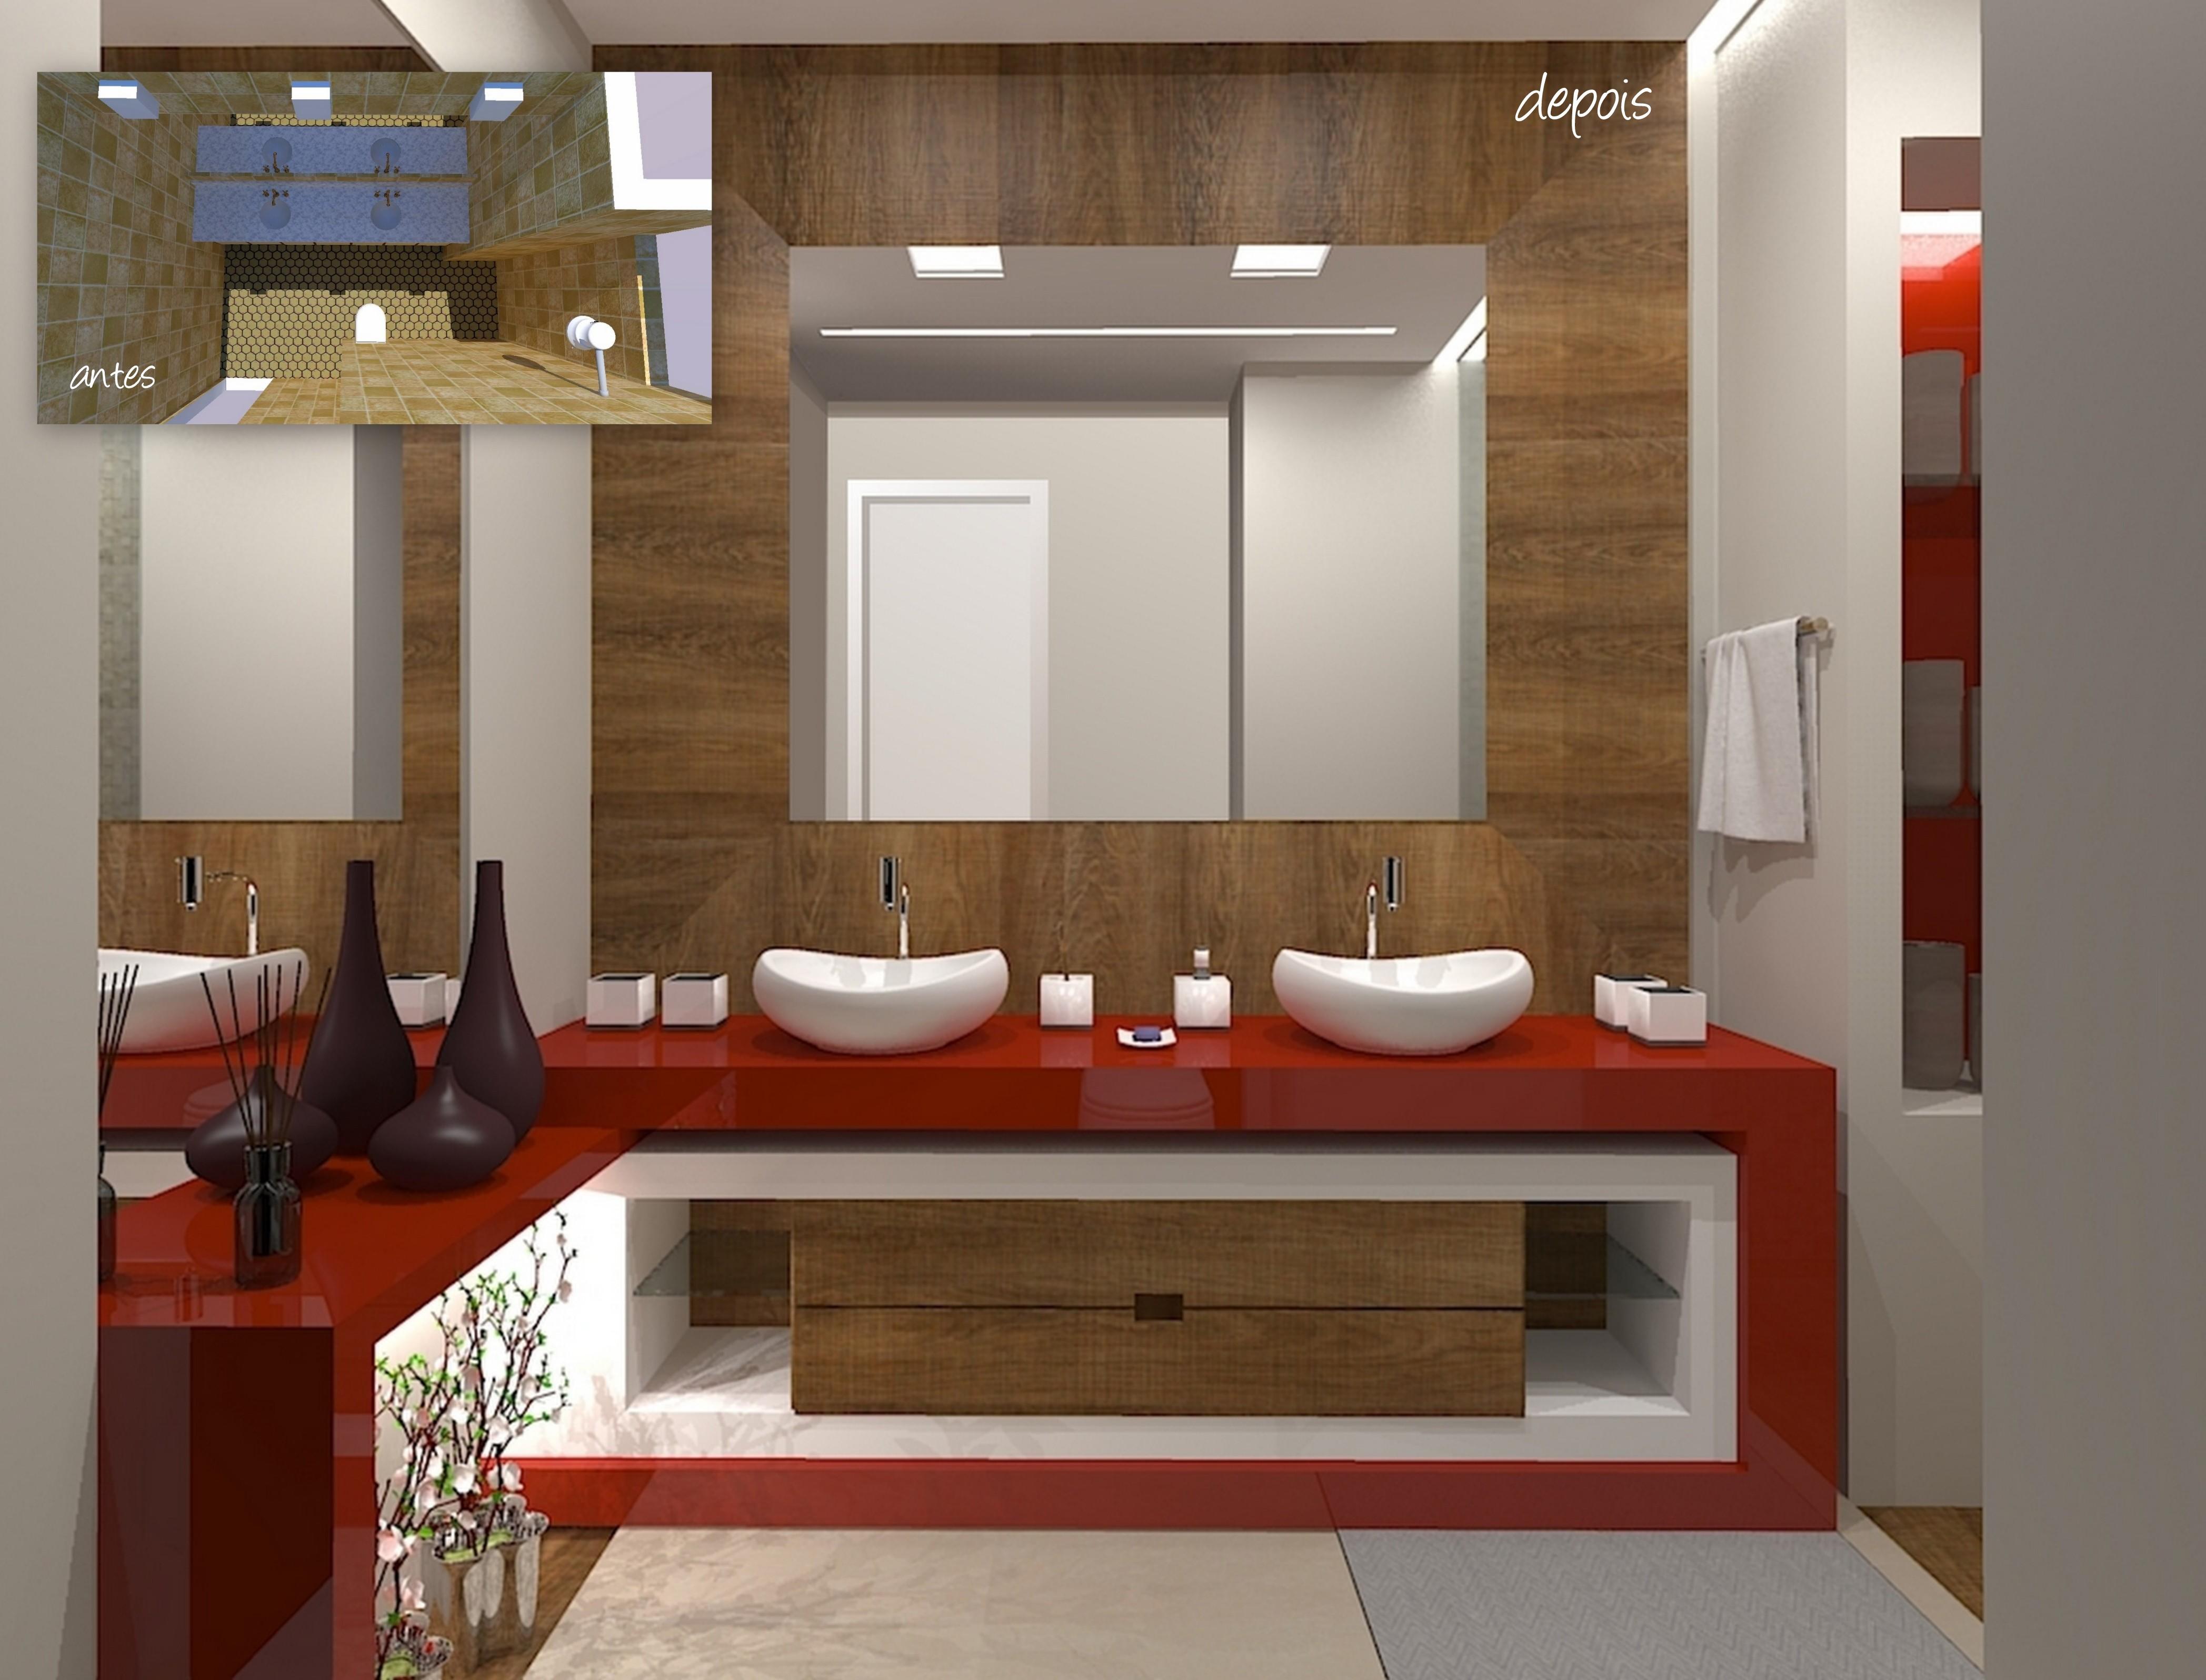 Gabinetes para banheiro produzidos em vidro são uma ótima  #B62F15 4191 3192